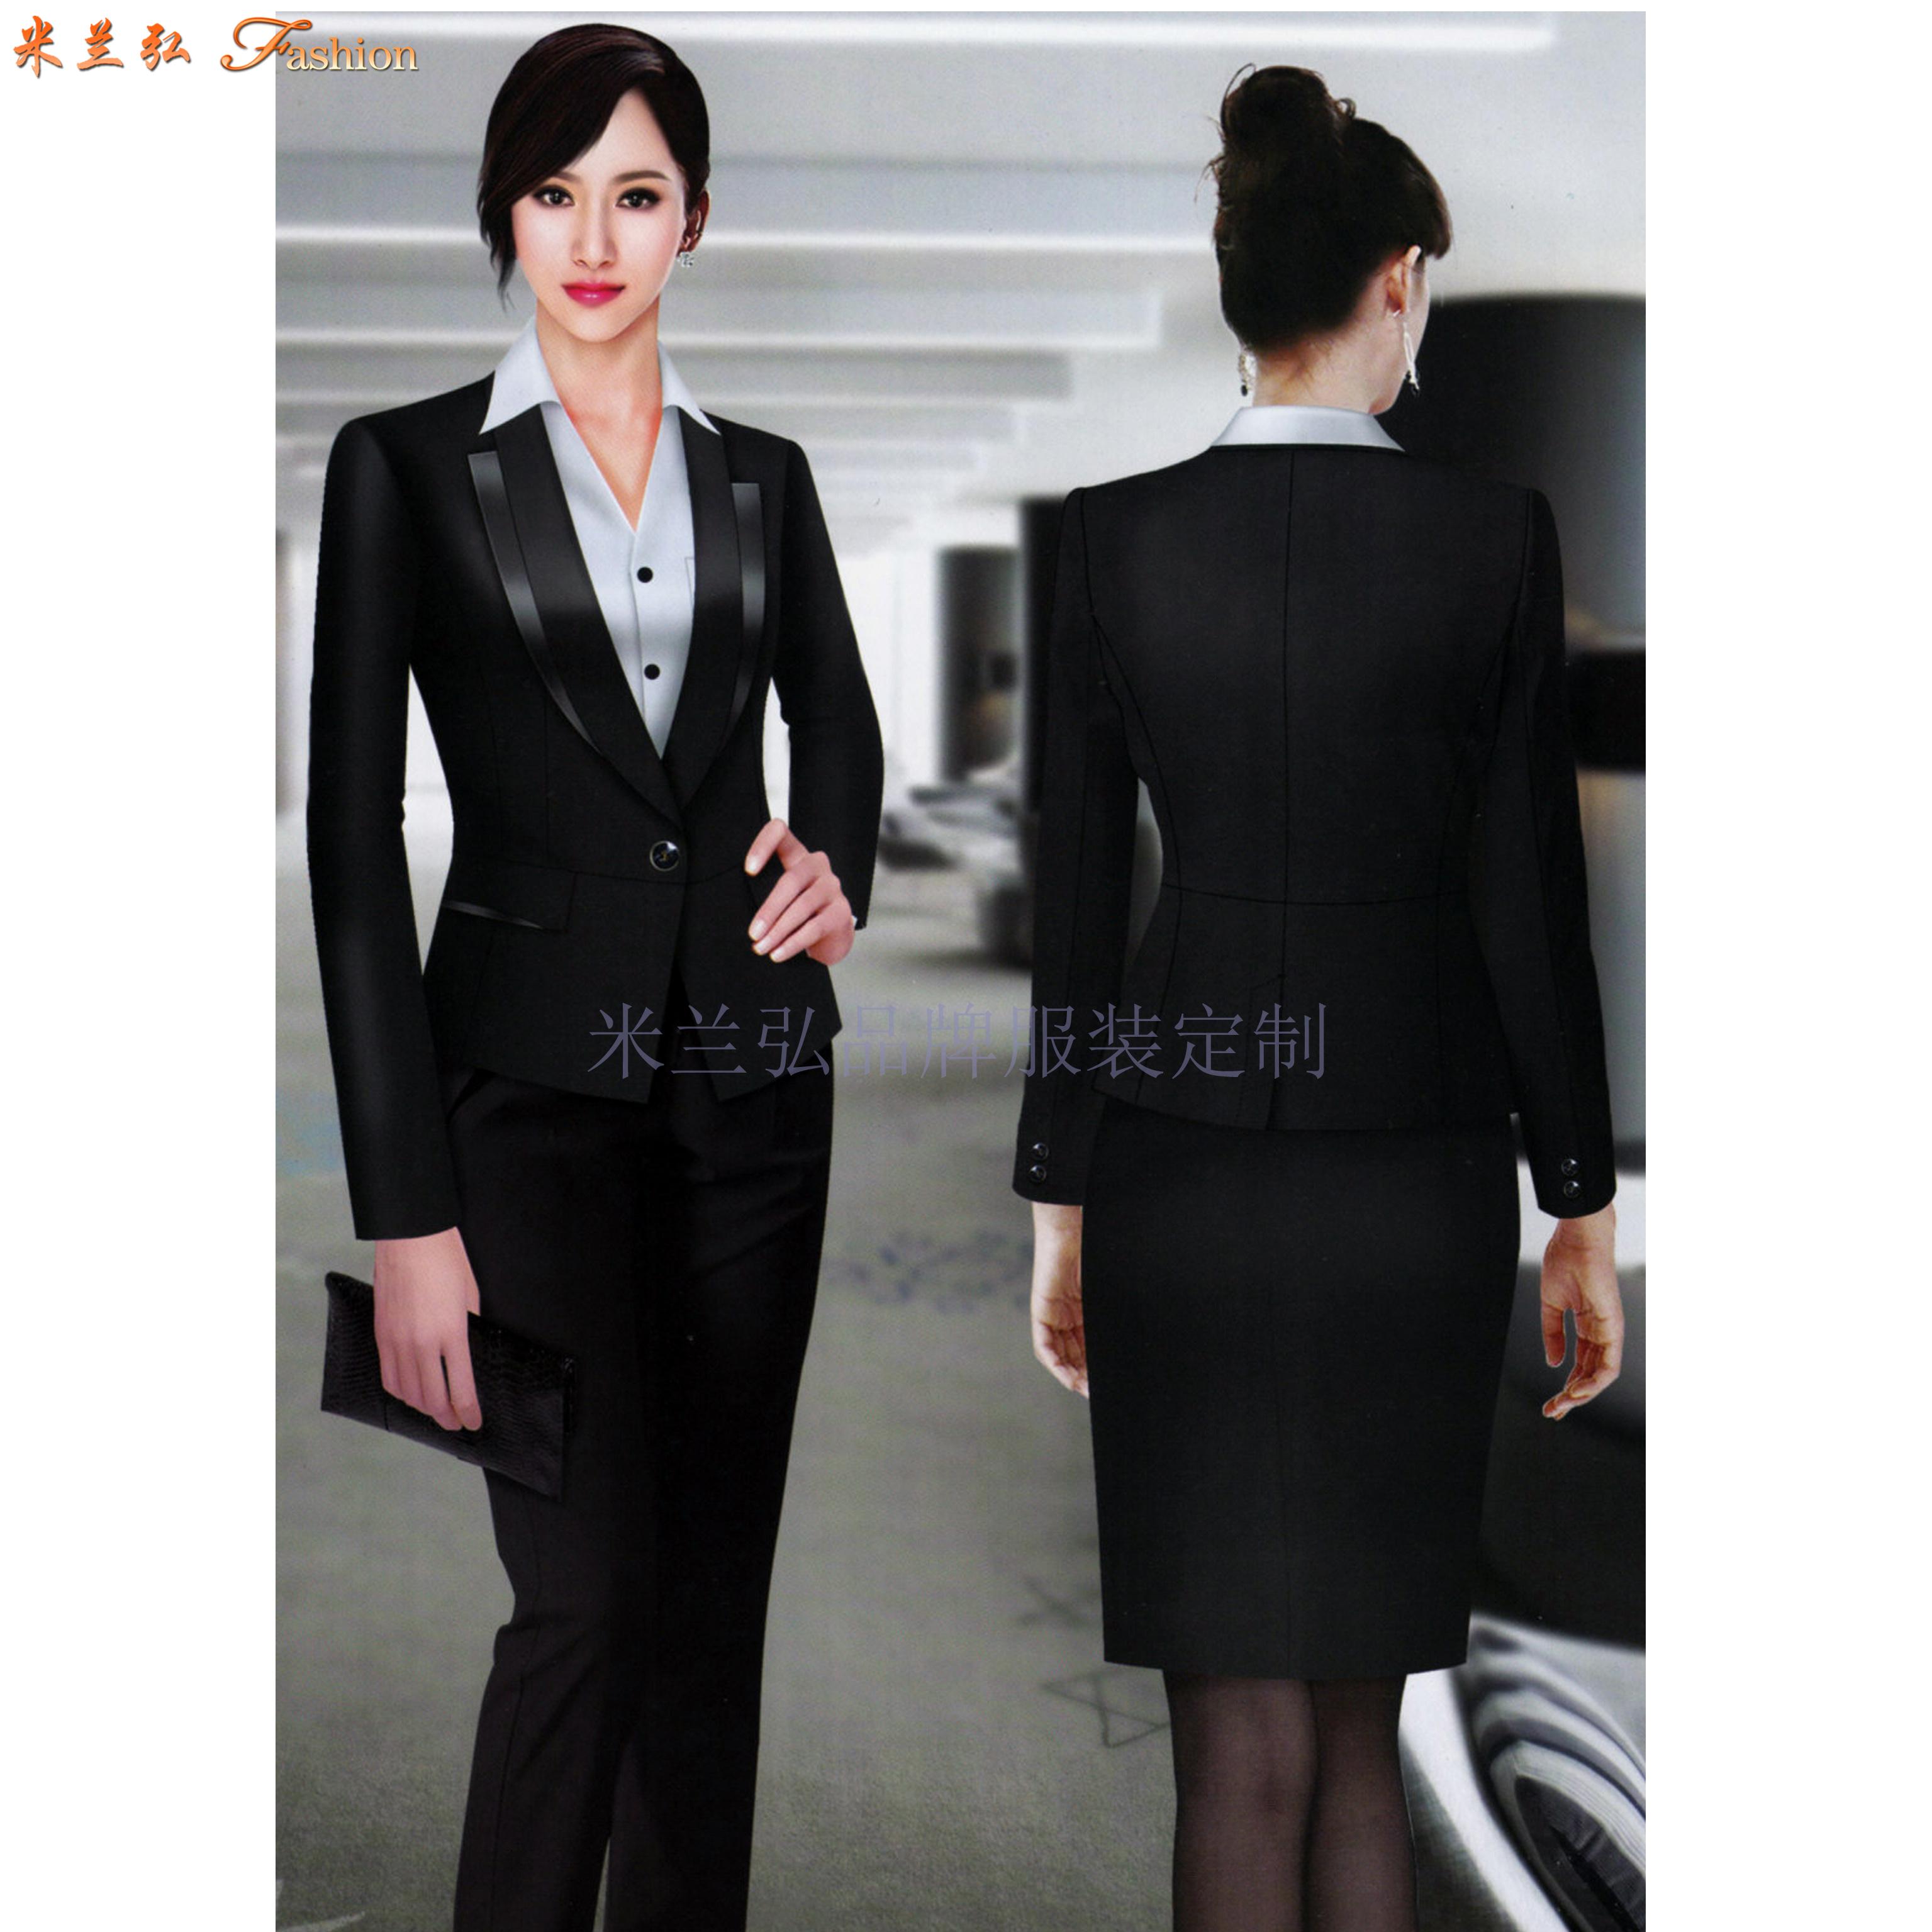 北京高端职业装定制品牌-米兰弘公司设计制作职业装新款女装图片-6